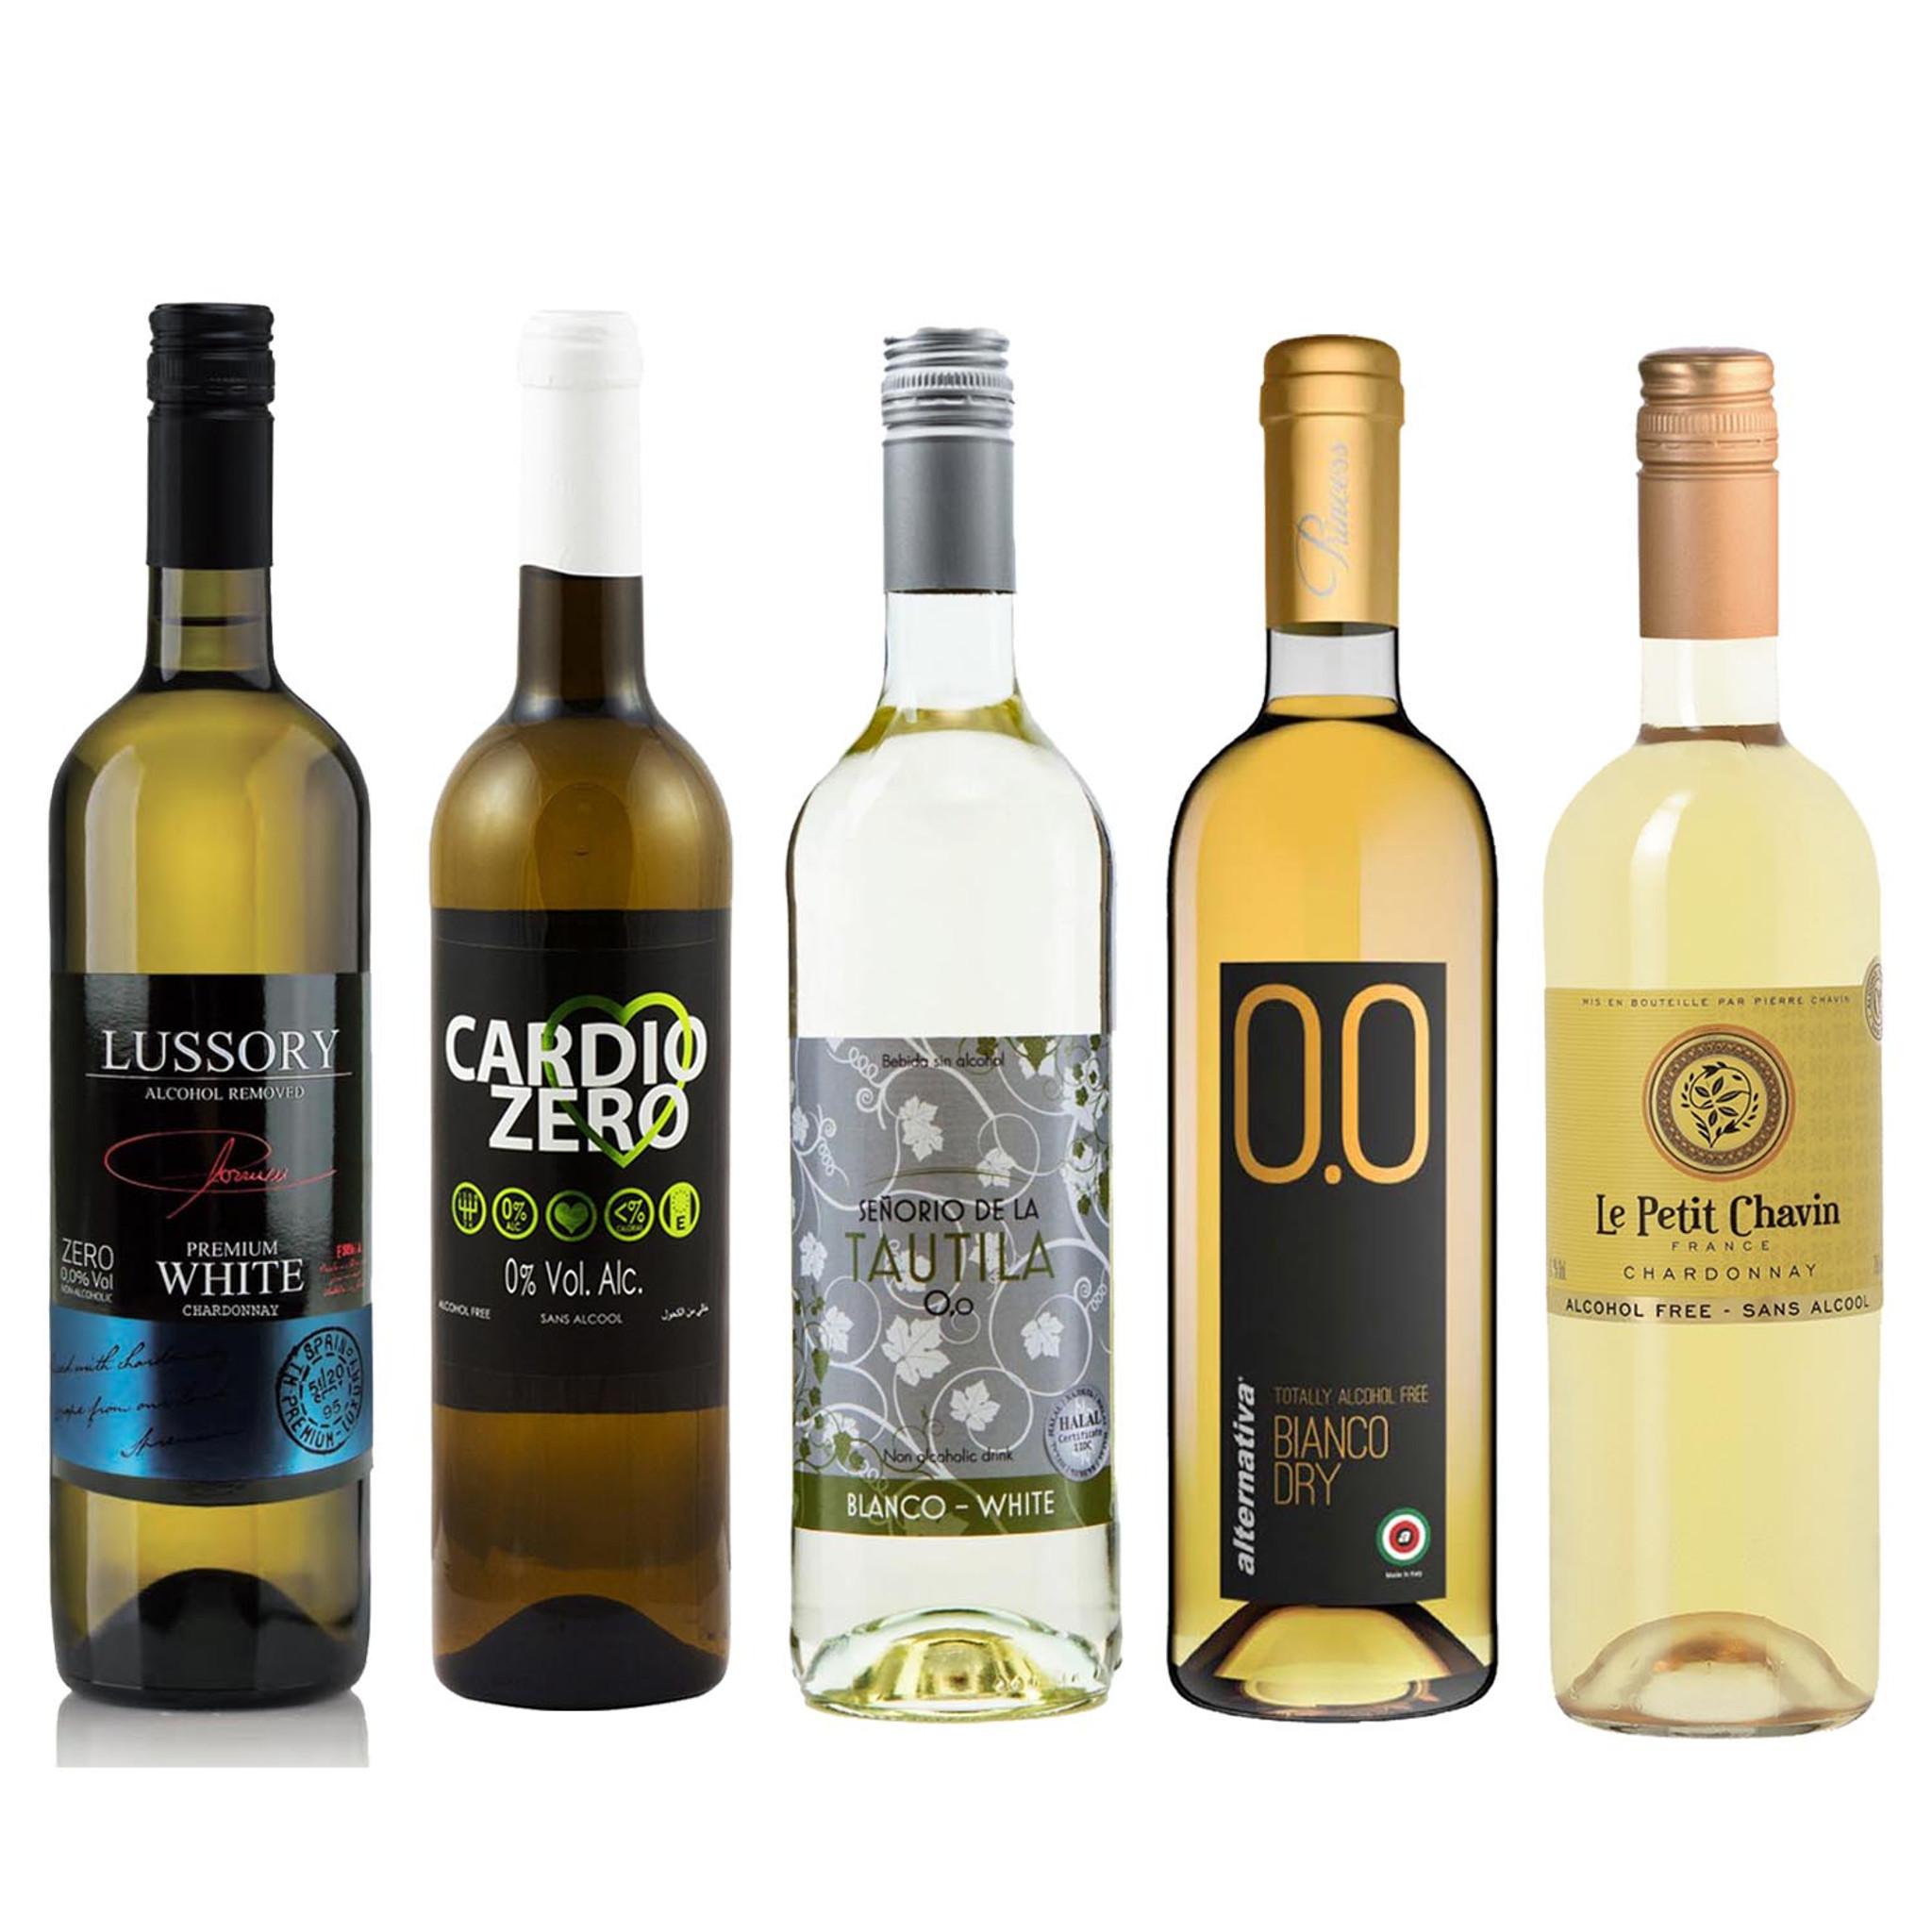 Alcohol Free White Wine Sampler 750ml Each